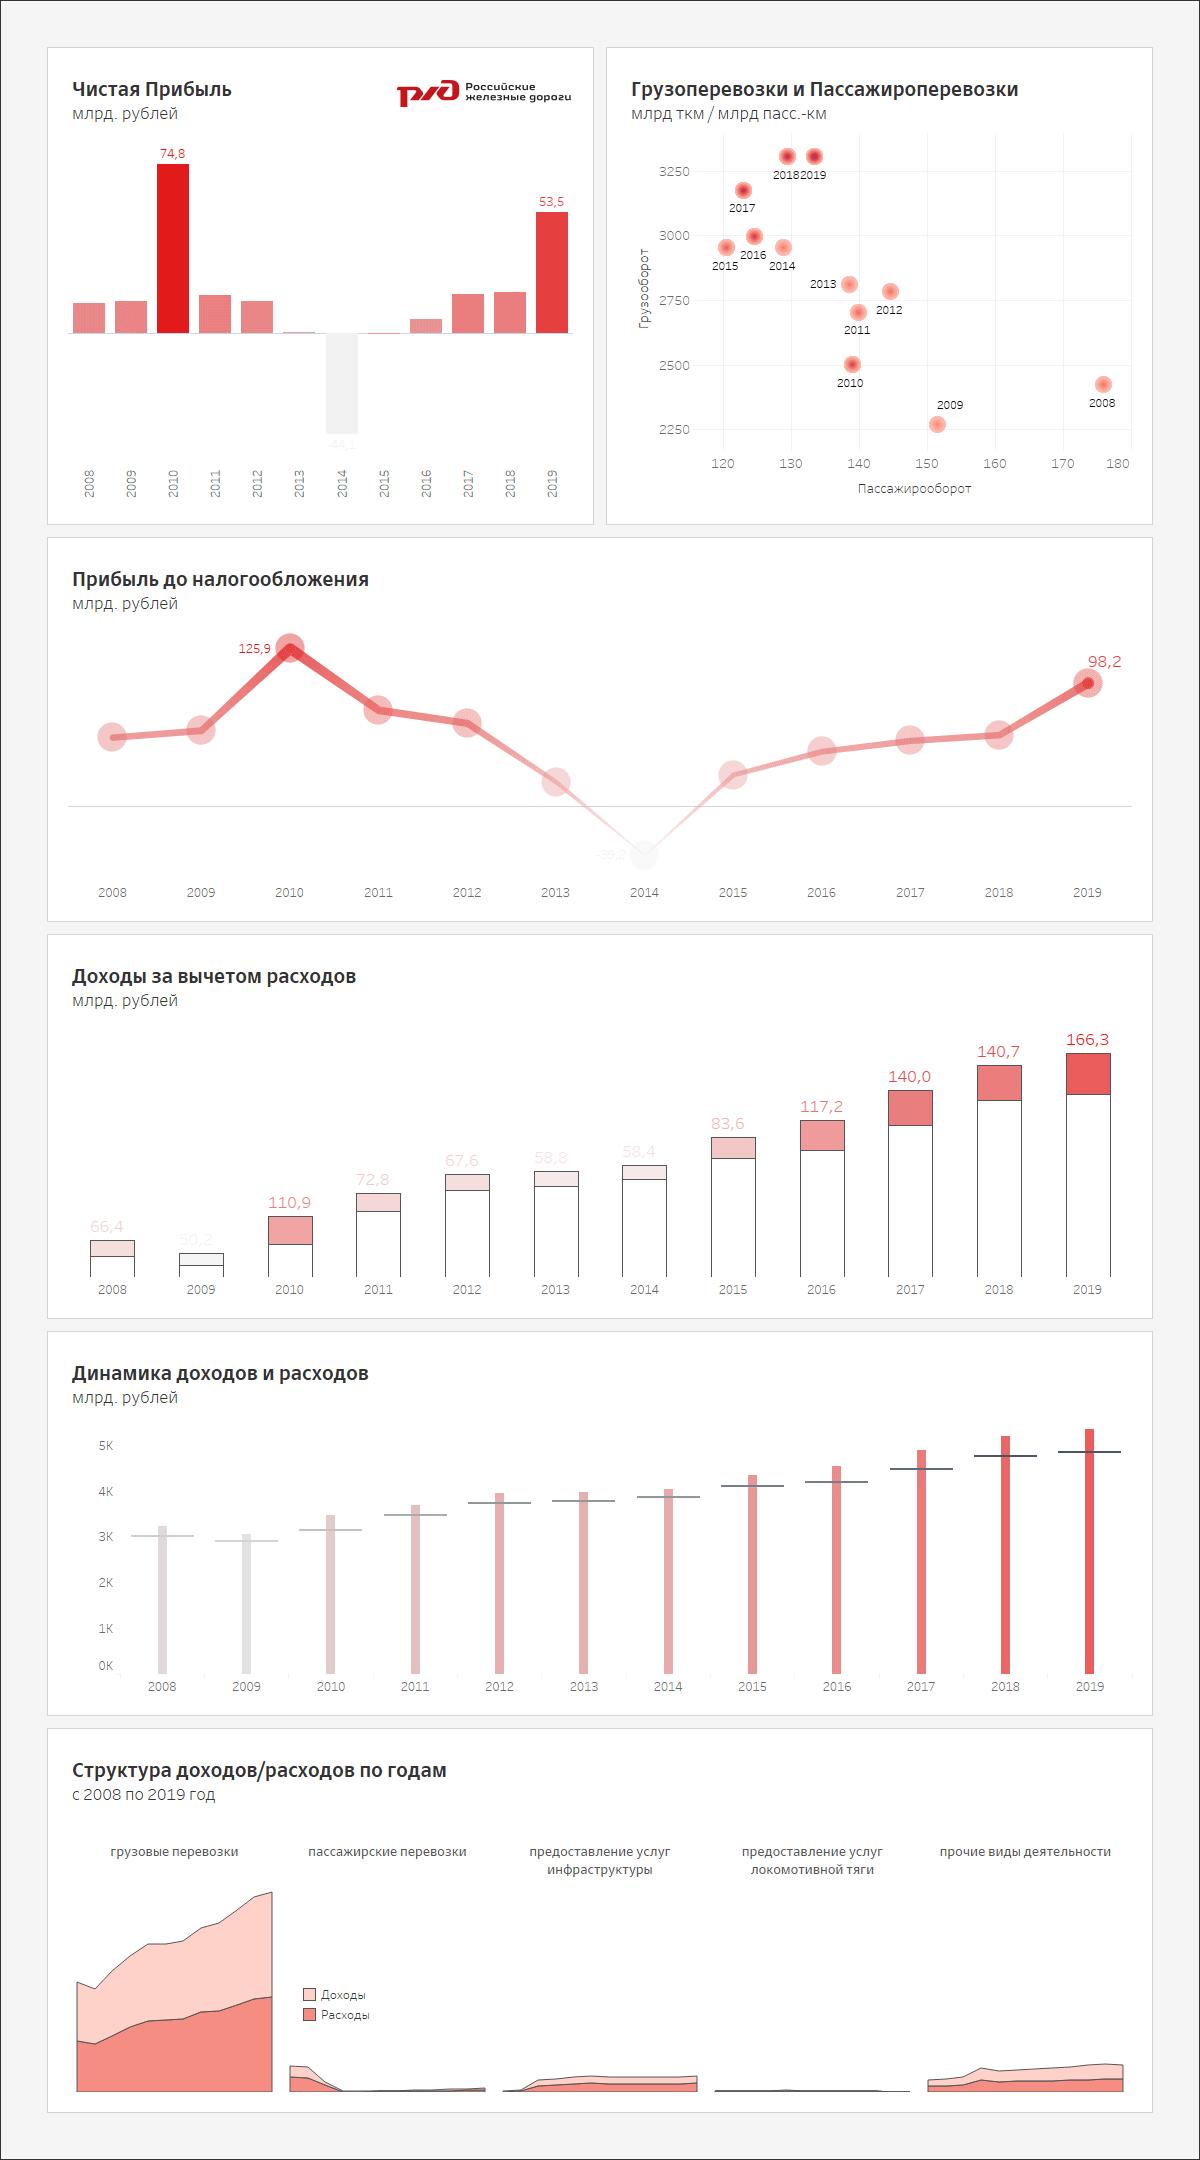 Экономические и финансовые показатели ОАО РЖД в форме визуальной отчетности.